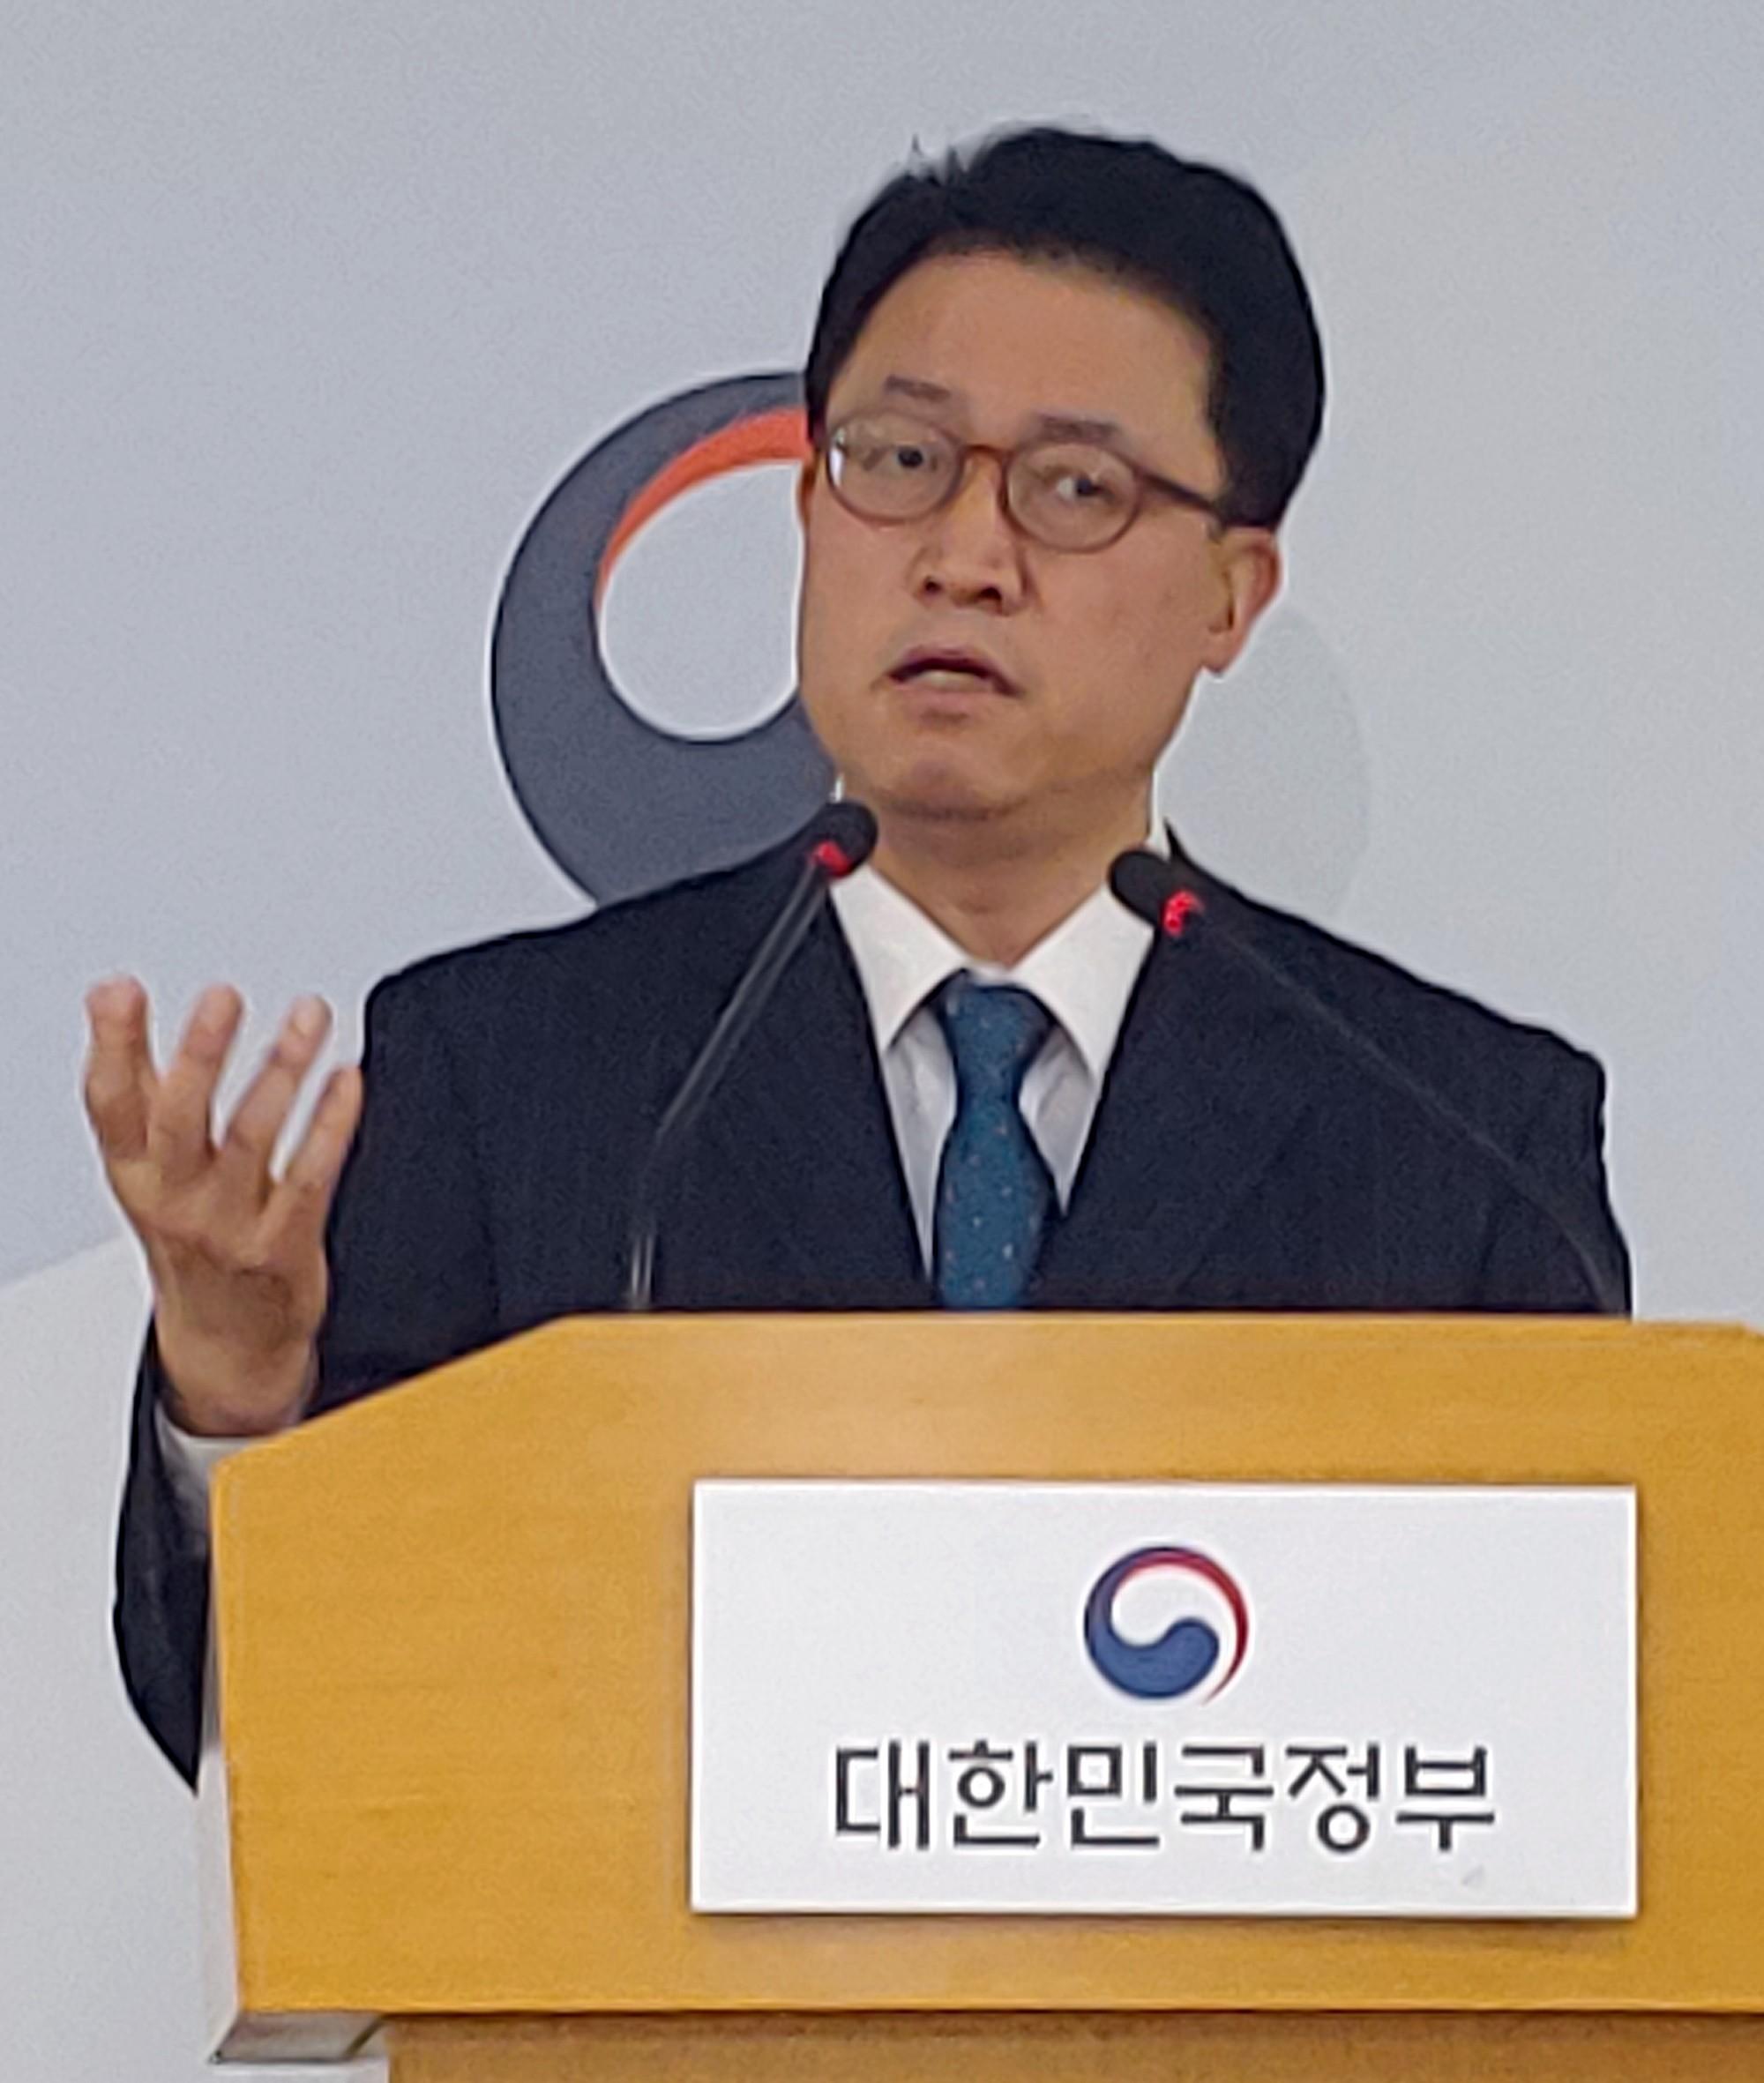 커뮤니티케어 선도사업 8개 지자체를 발표하는 배병준 실장